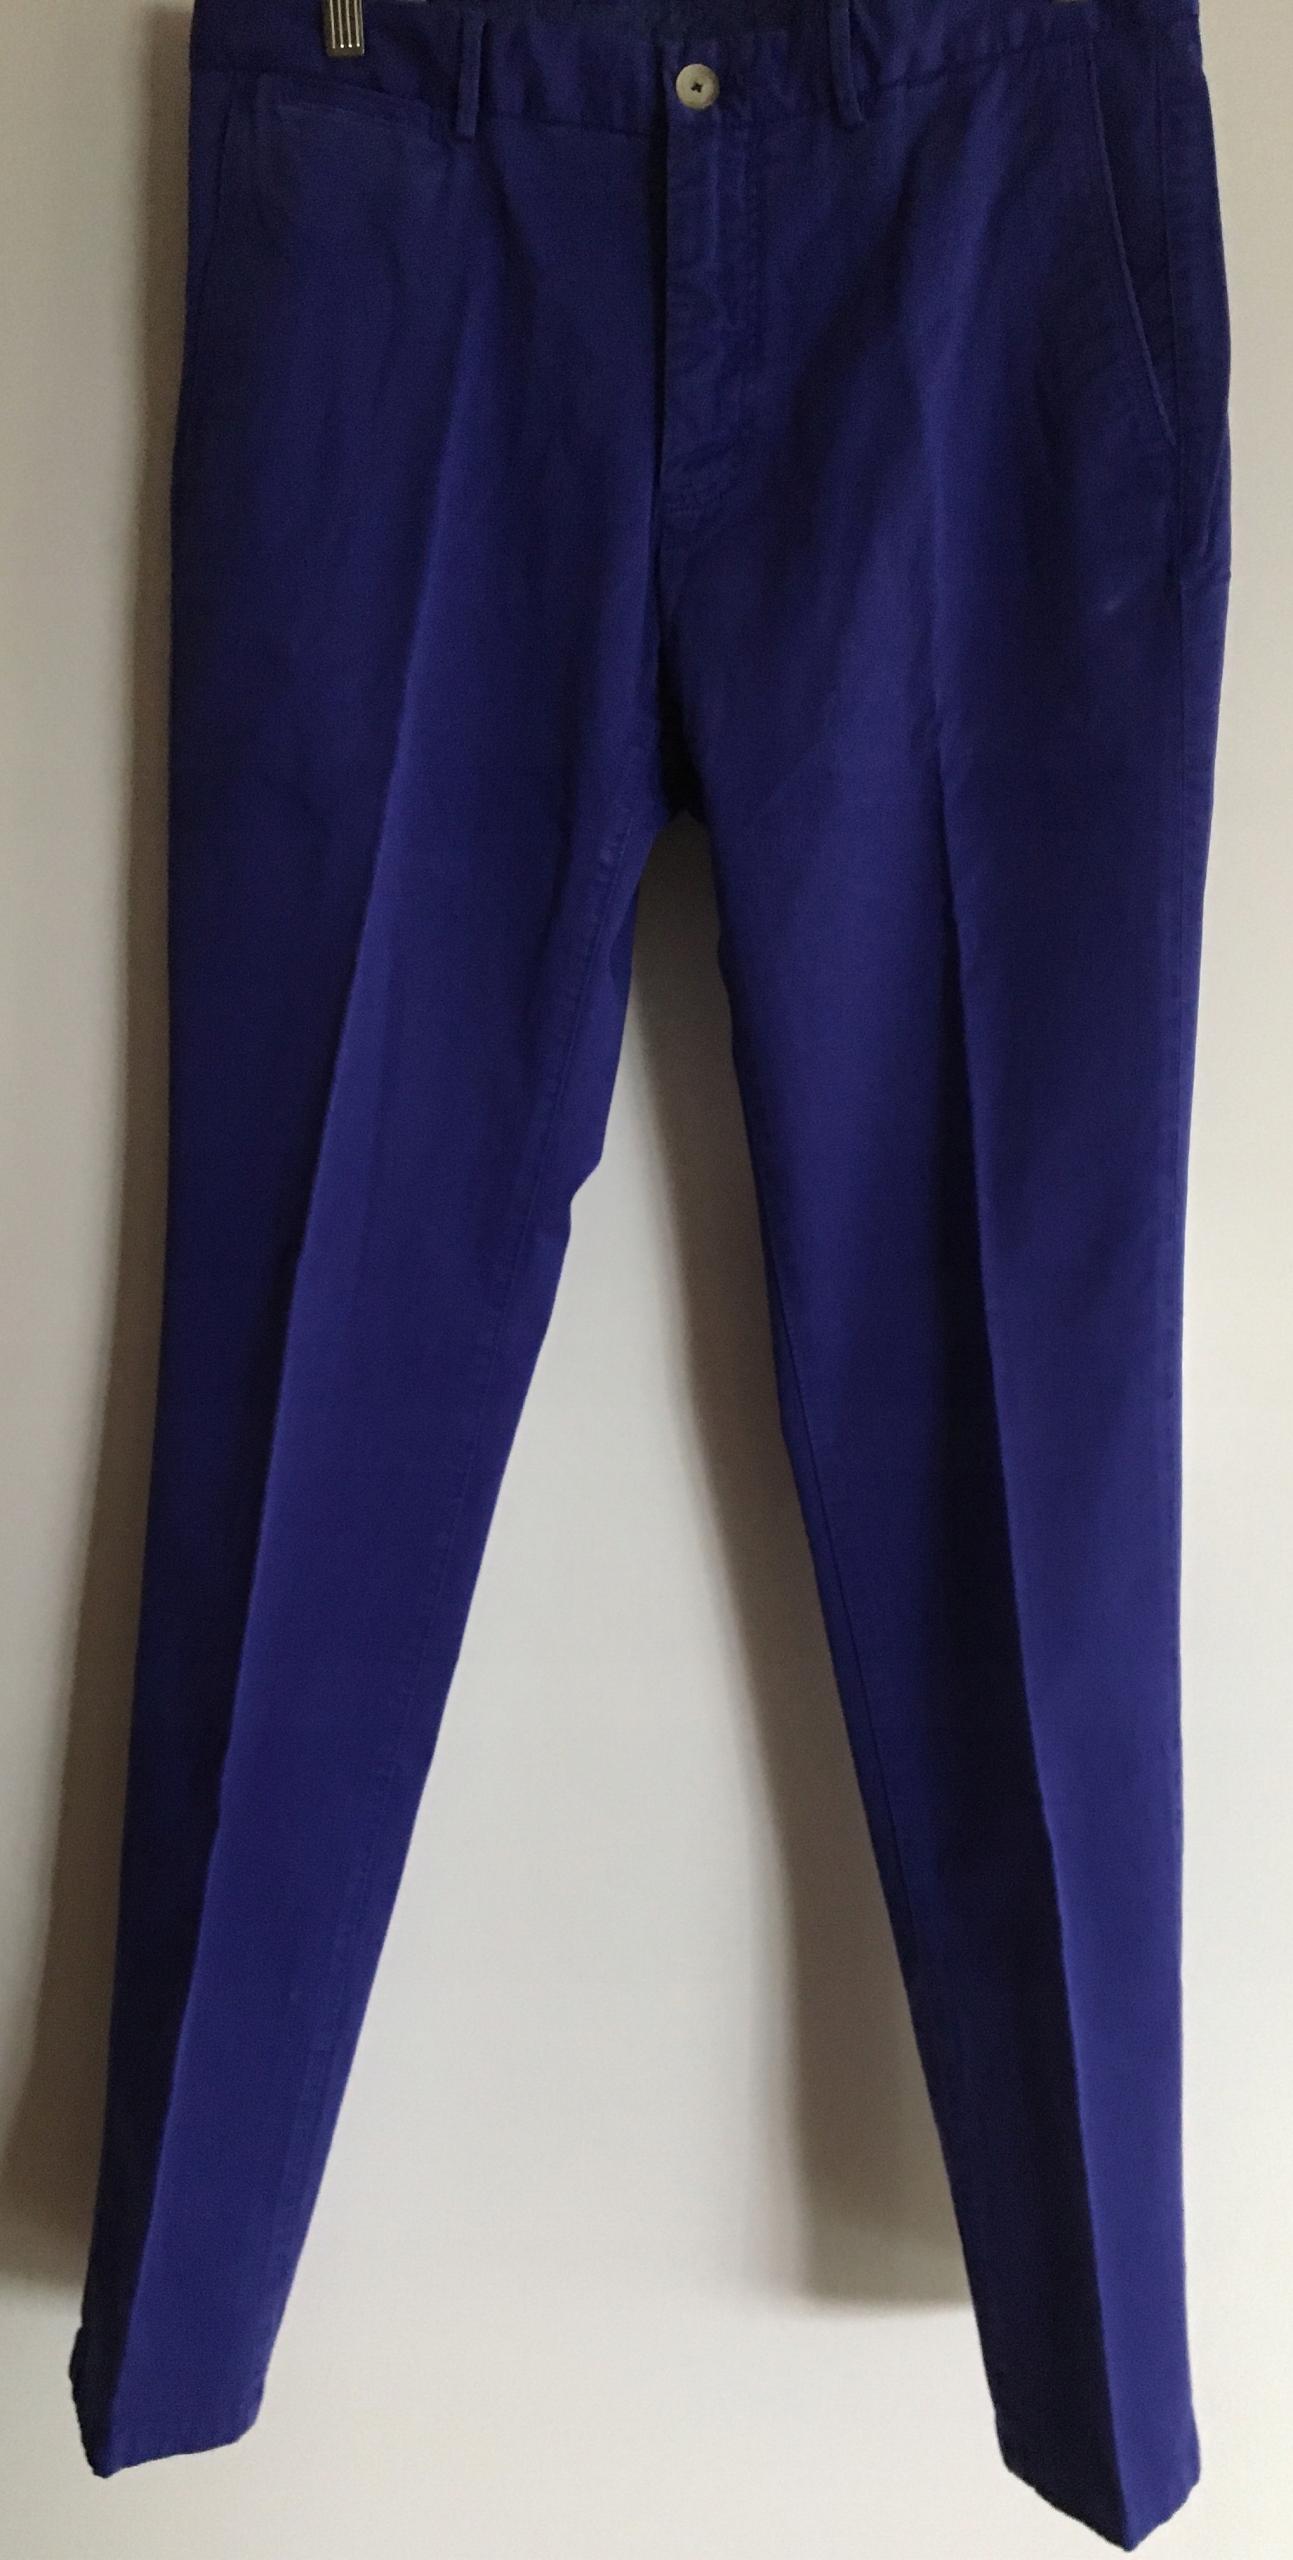 Massimo Dutti spodnie męskie chinosy rozm 42